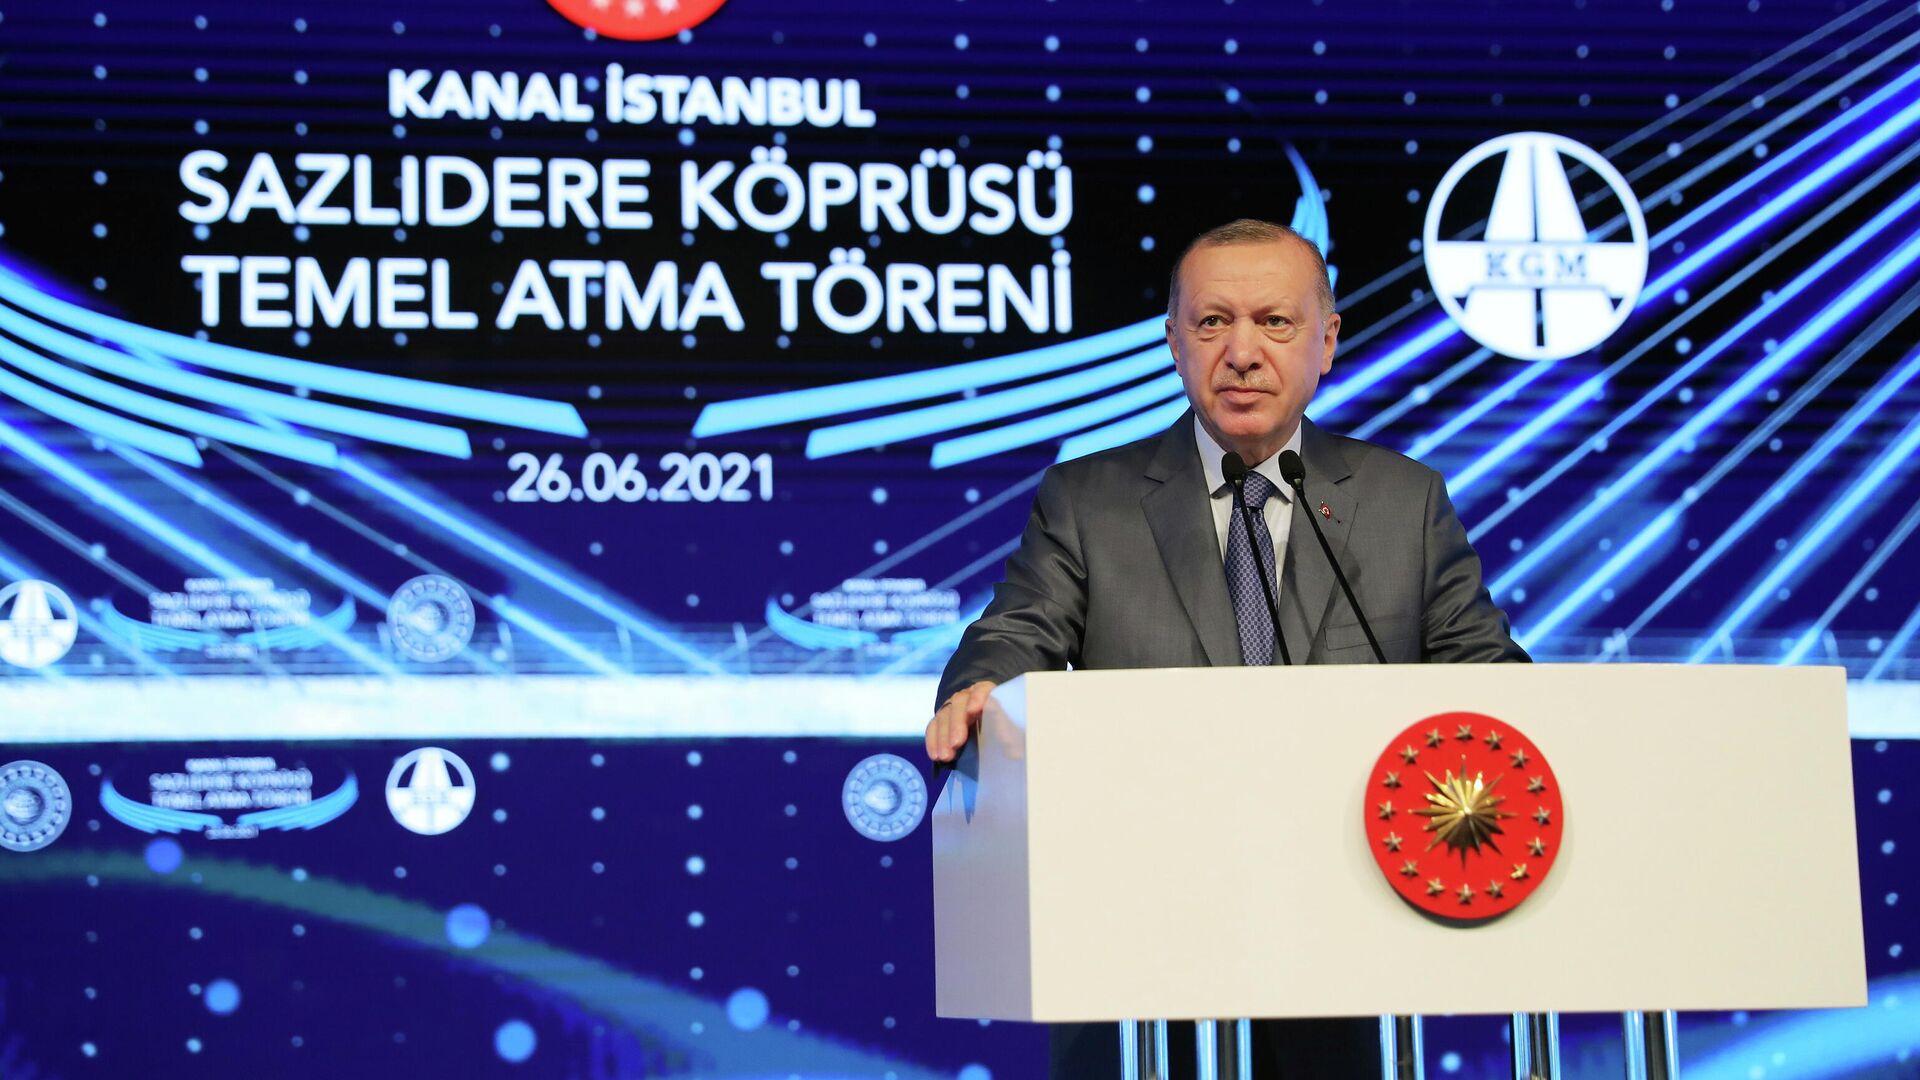 Президент Турции Реджеп Тайип Эрдоган выступает на церемонии начала строительства канала Стамбул - РИА Новости, 1920, 19.07.2021